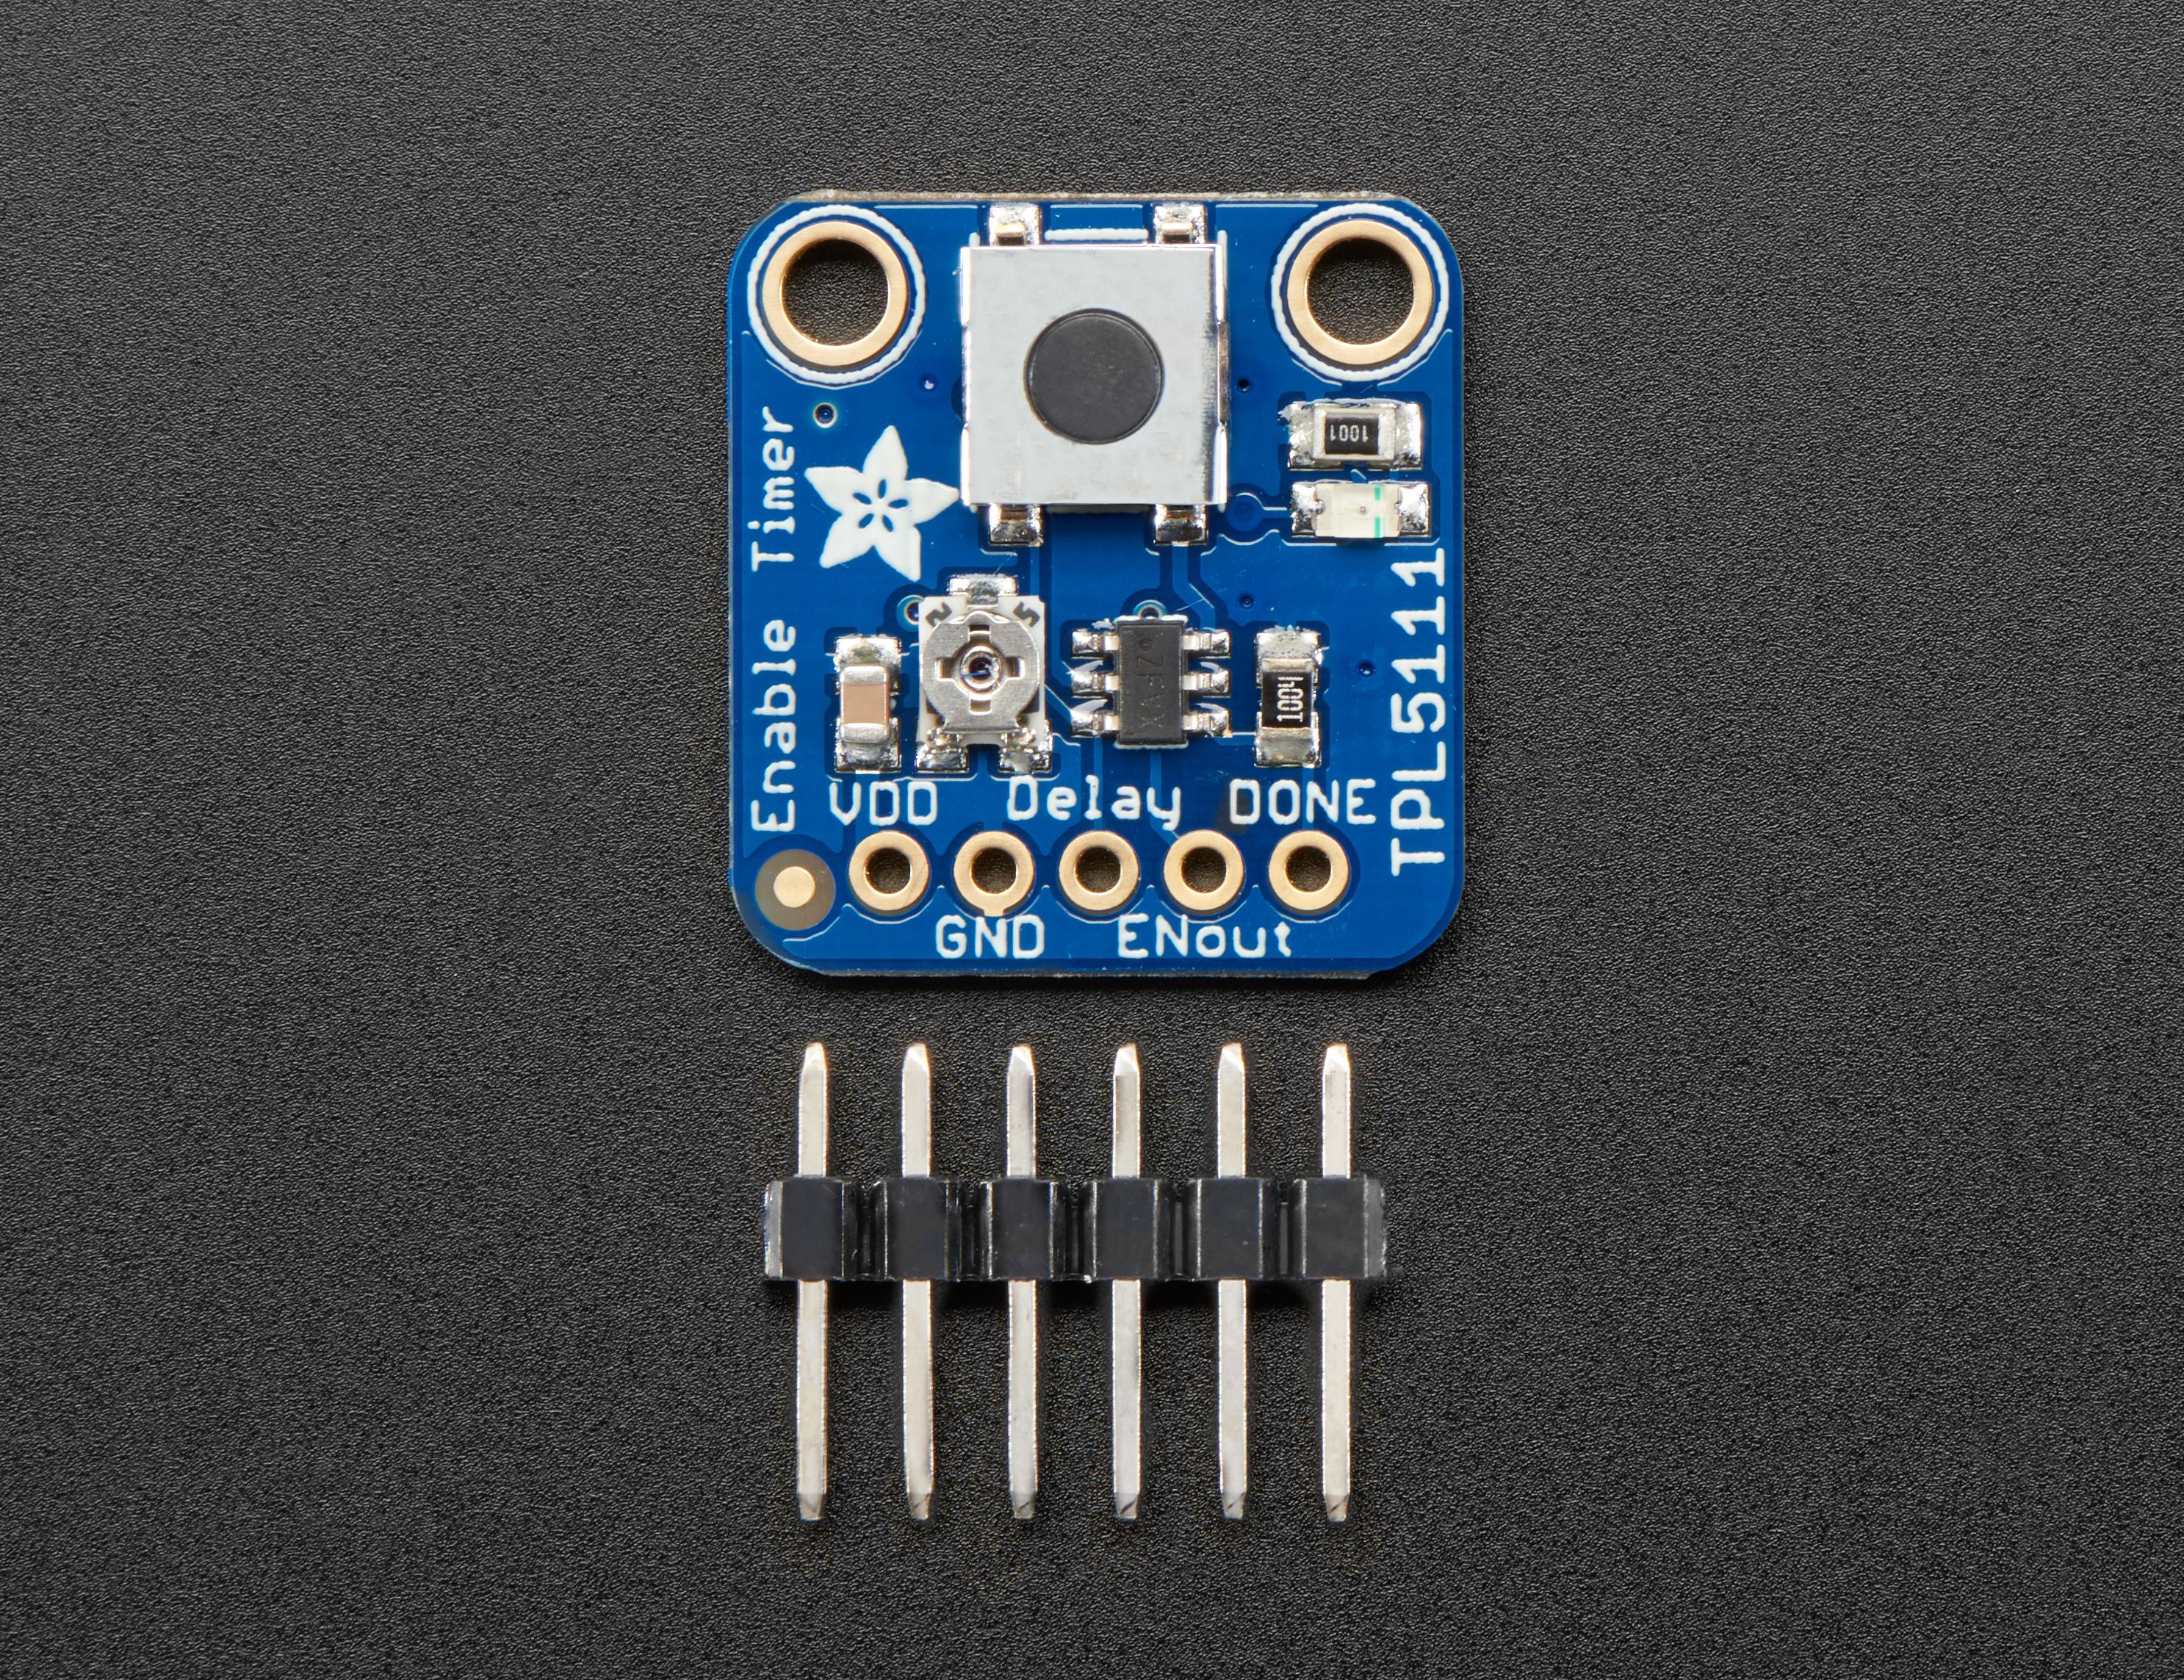 adafruit_products_3573_kit_ORIG.jpg